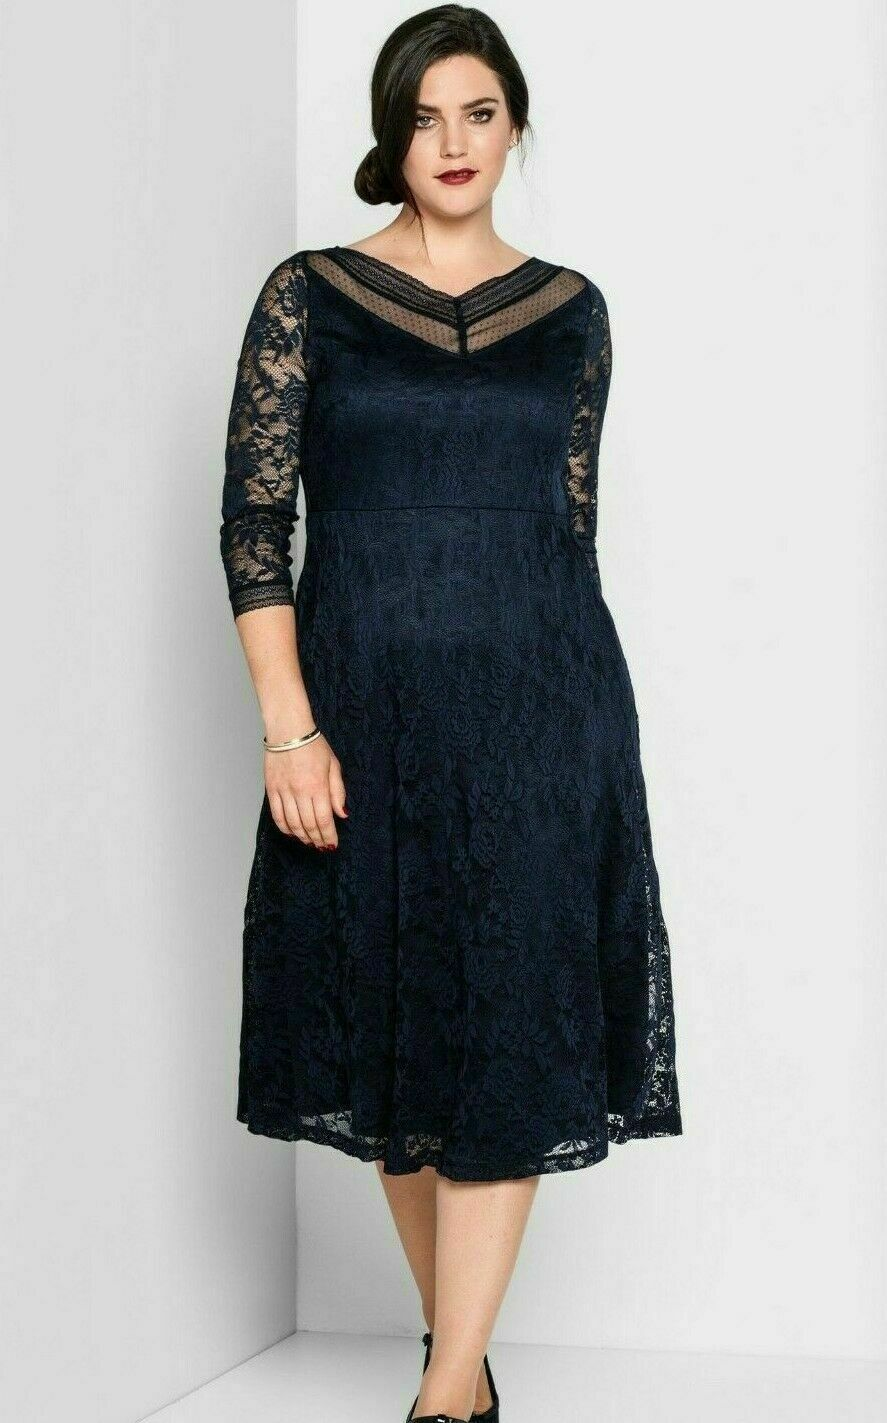 Sheego Abendkleid Gr.20+20+20+20 Knielang Spitzenkleid Kleid Blau